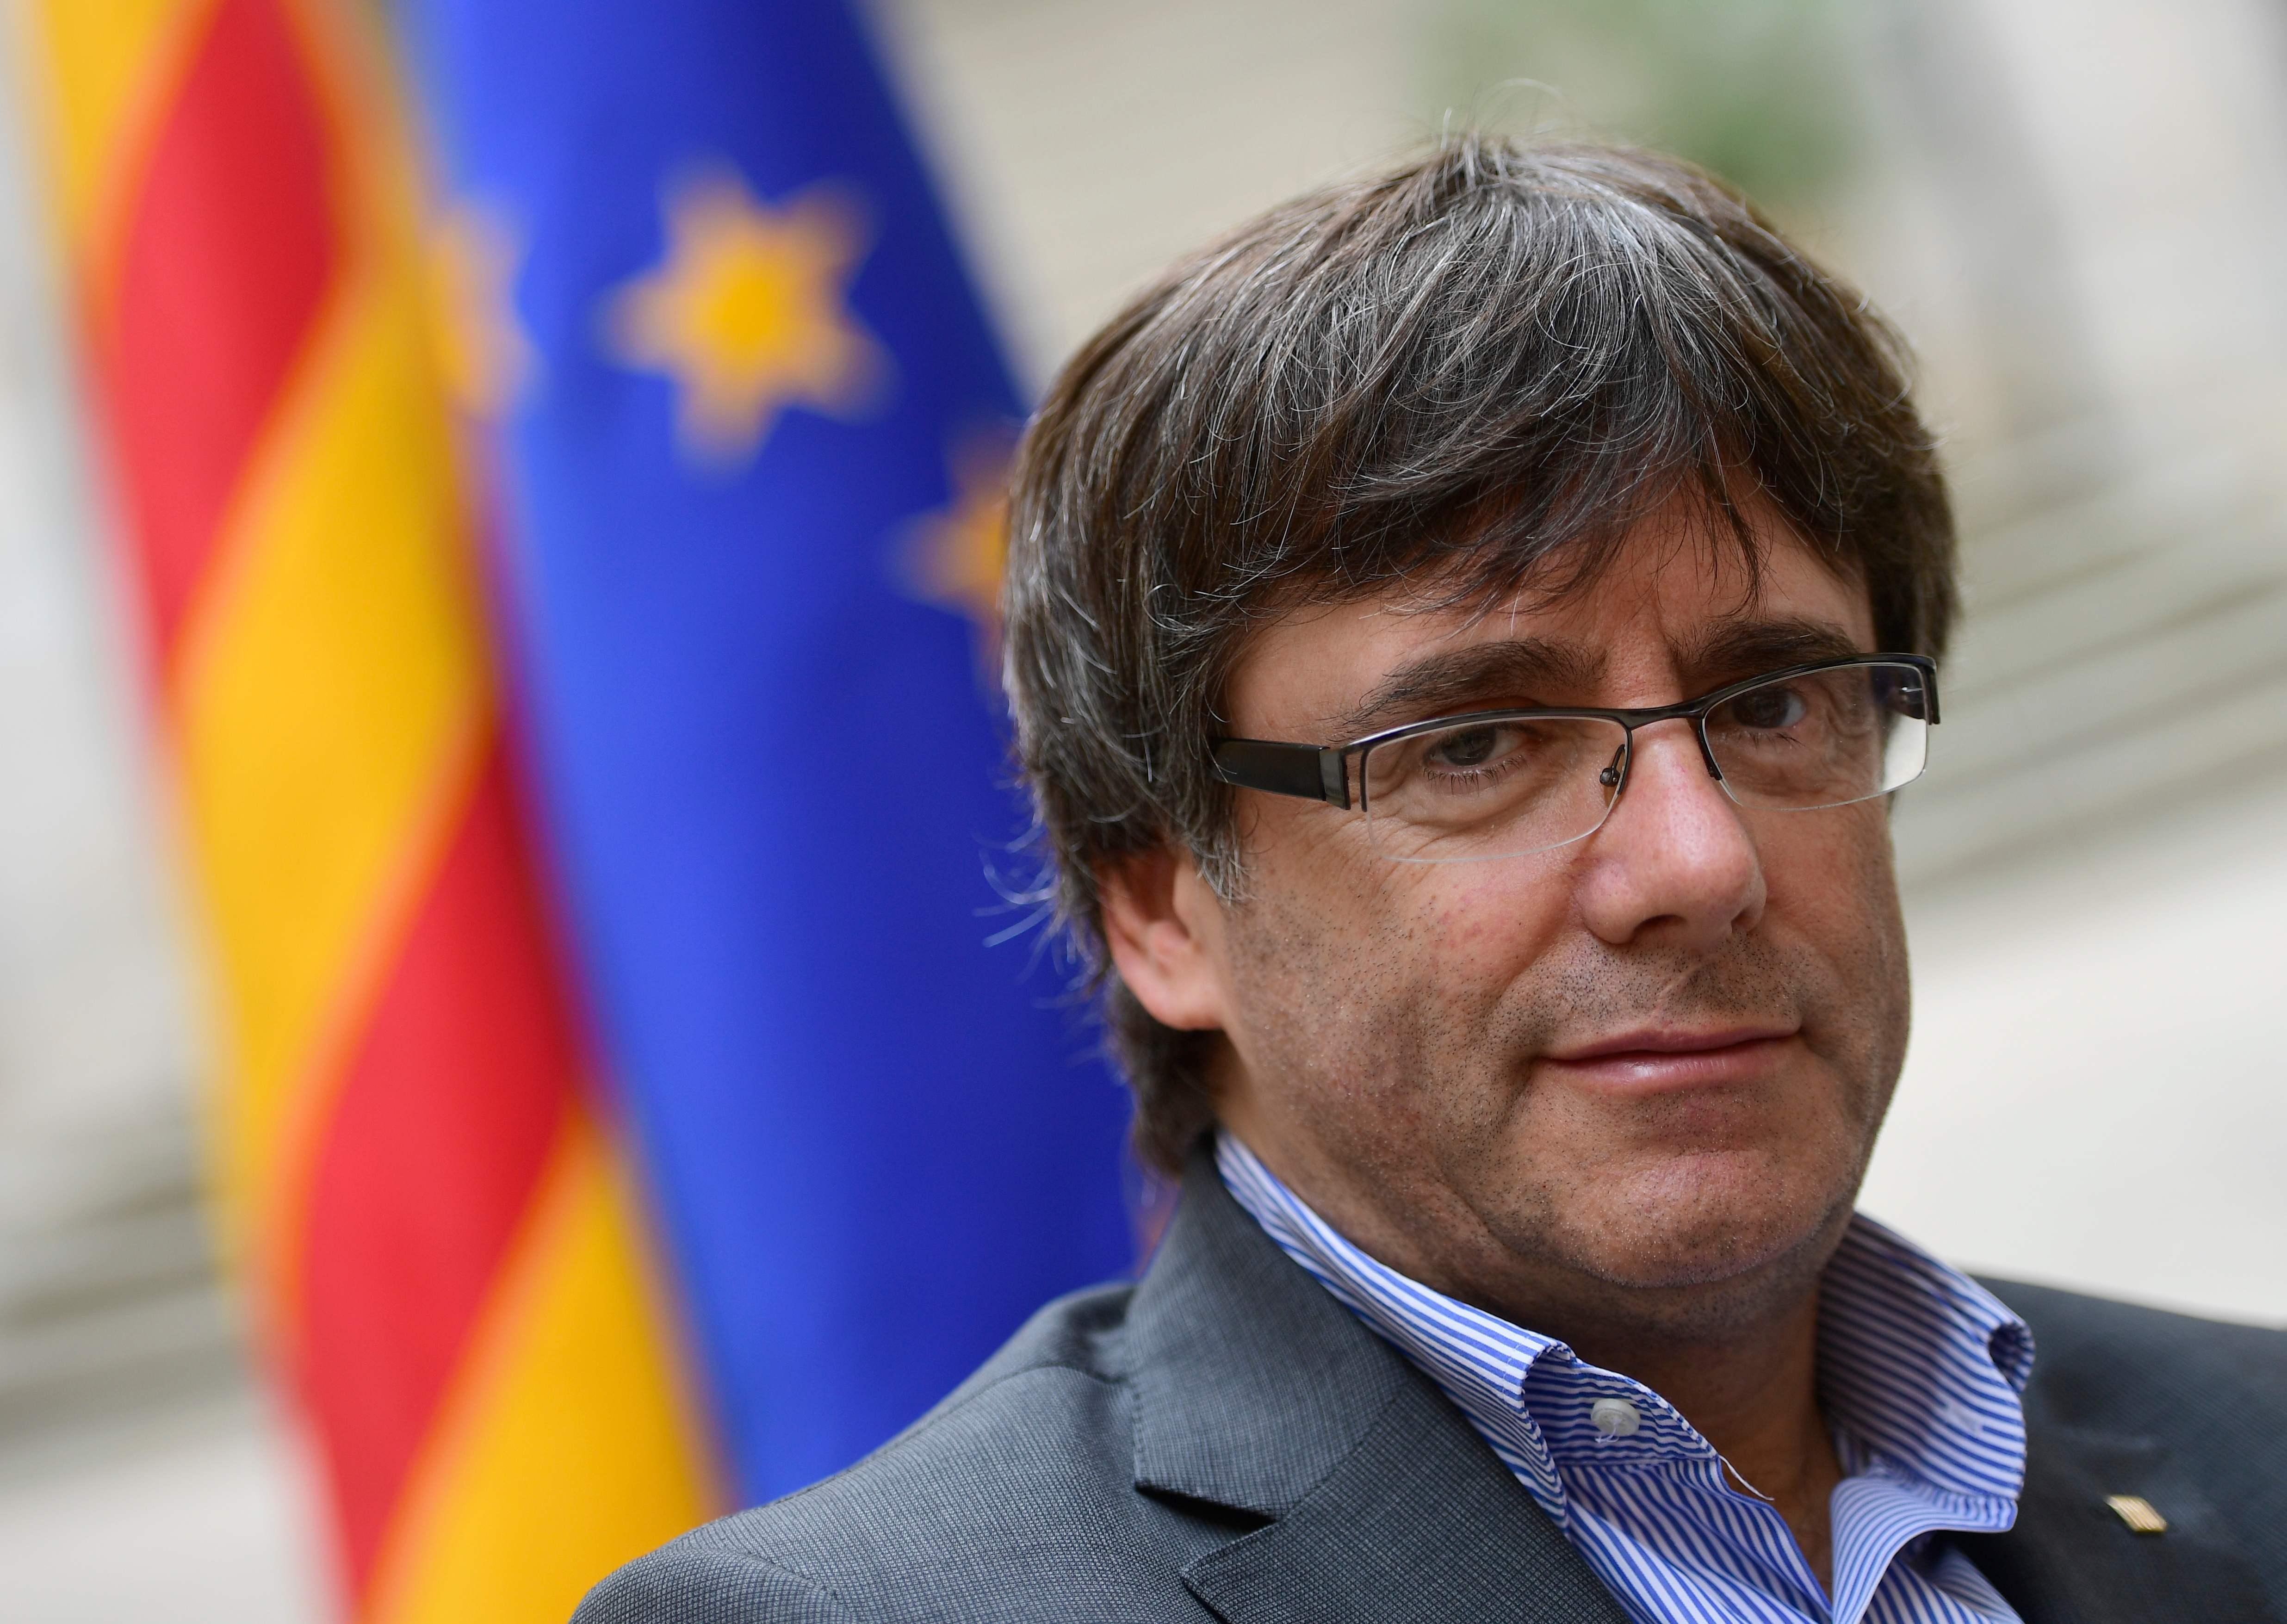 Líder independentista catalão admite derrota: 'isso acabou'